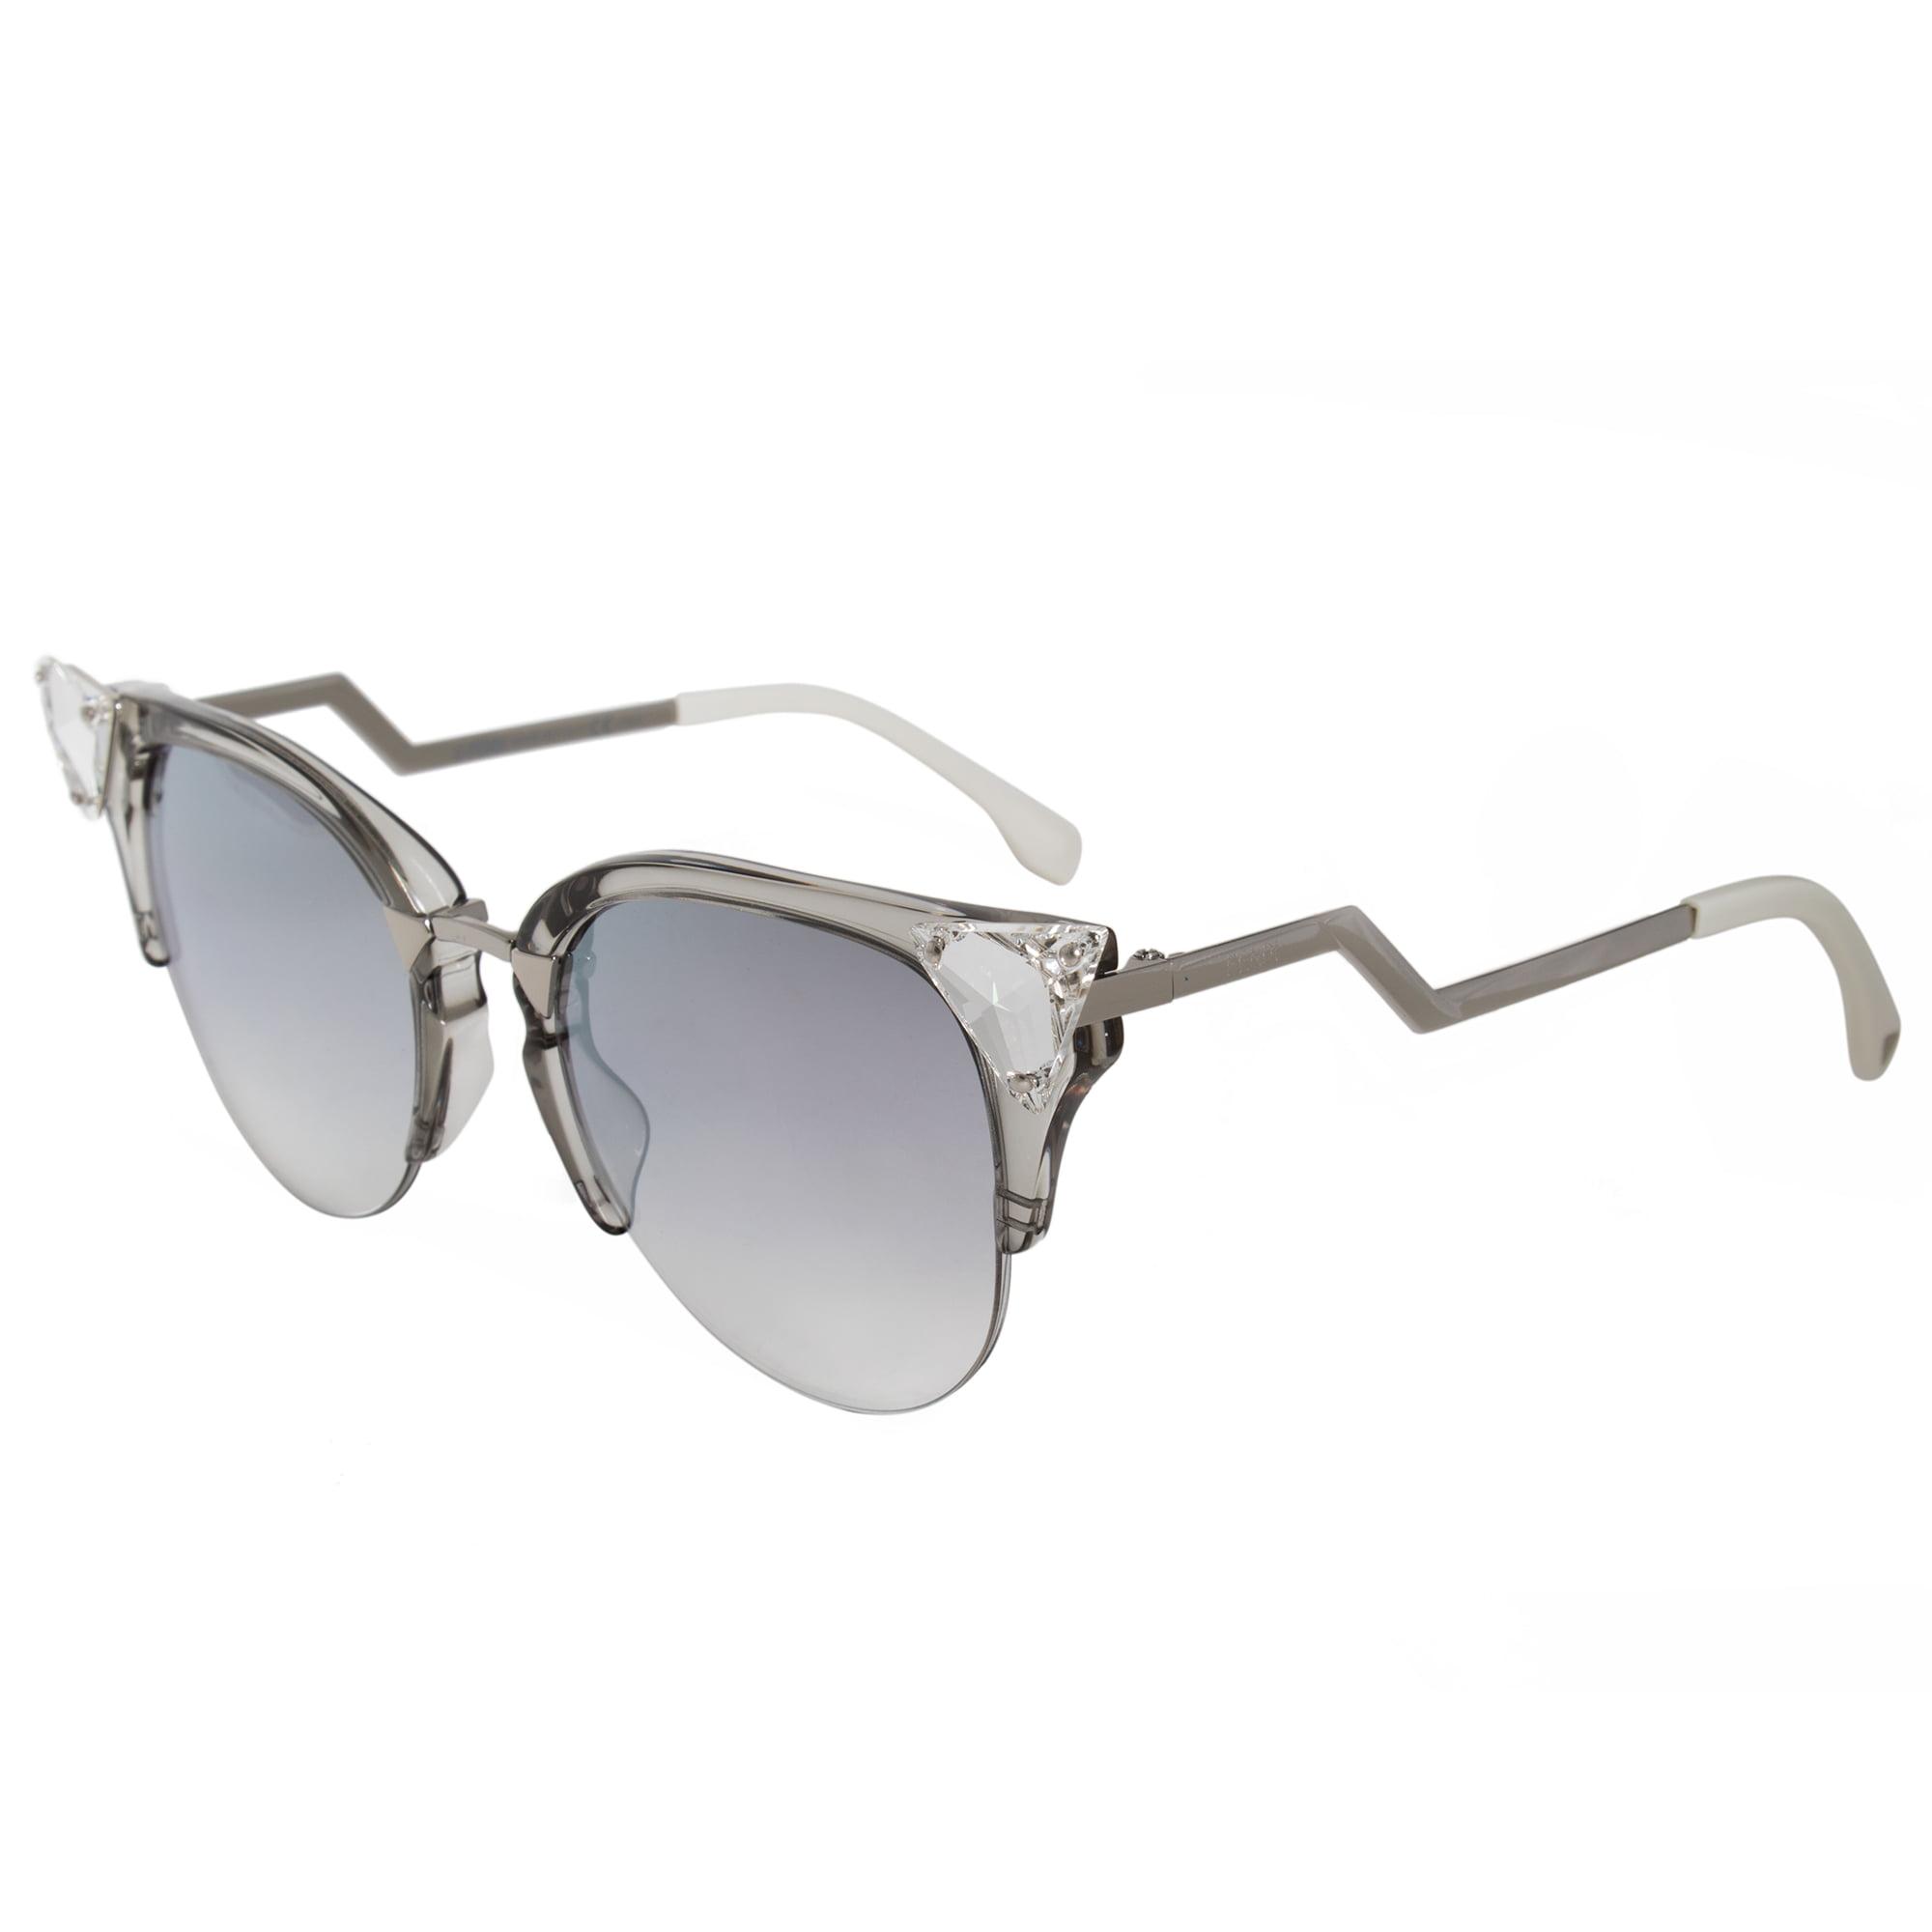 401fe56631859 Fendi - Fendi Iridia Cat Eye Sunglasses FF0041S 27C FU 52 - Walmart.com